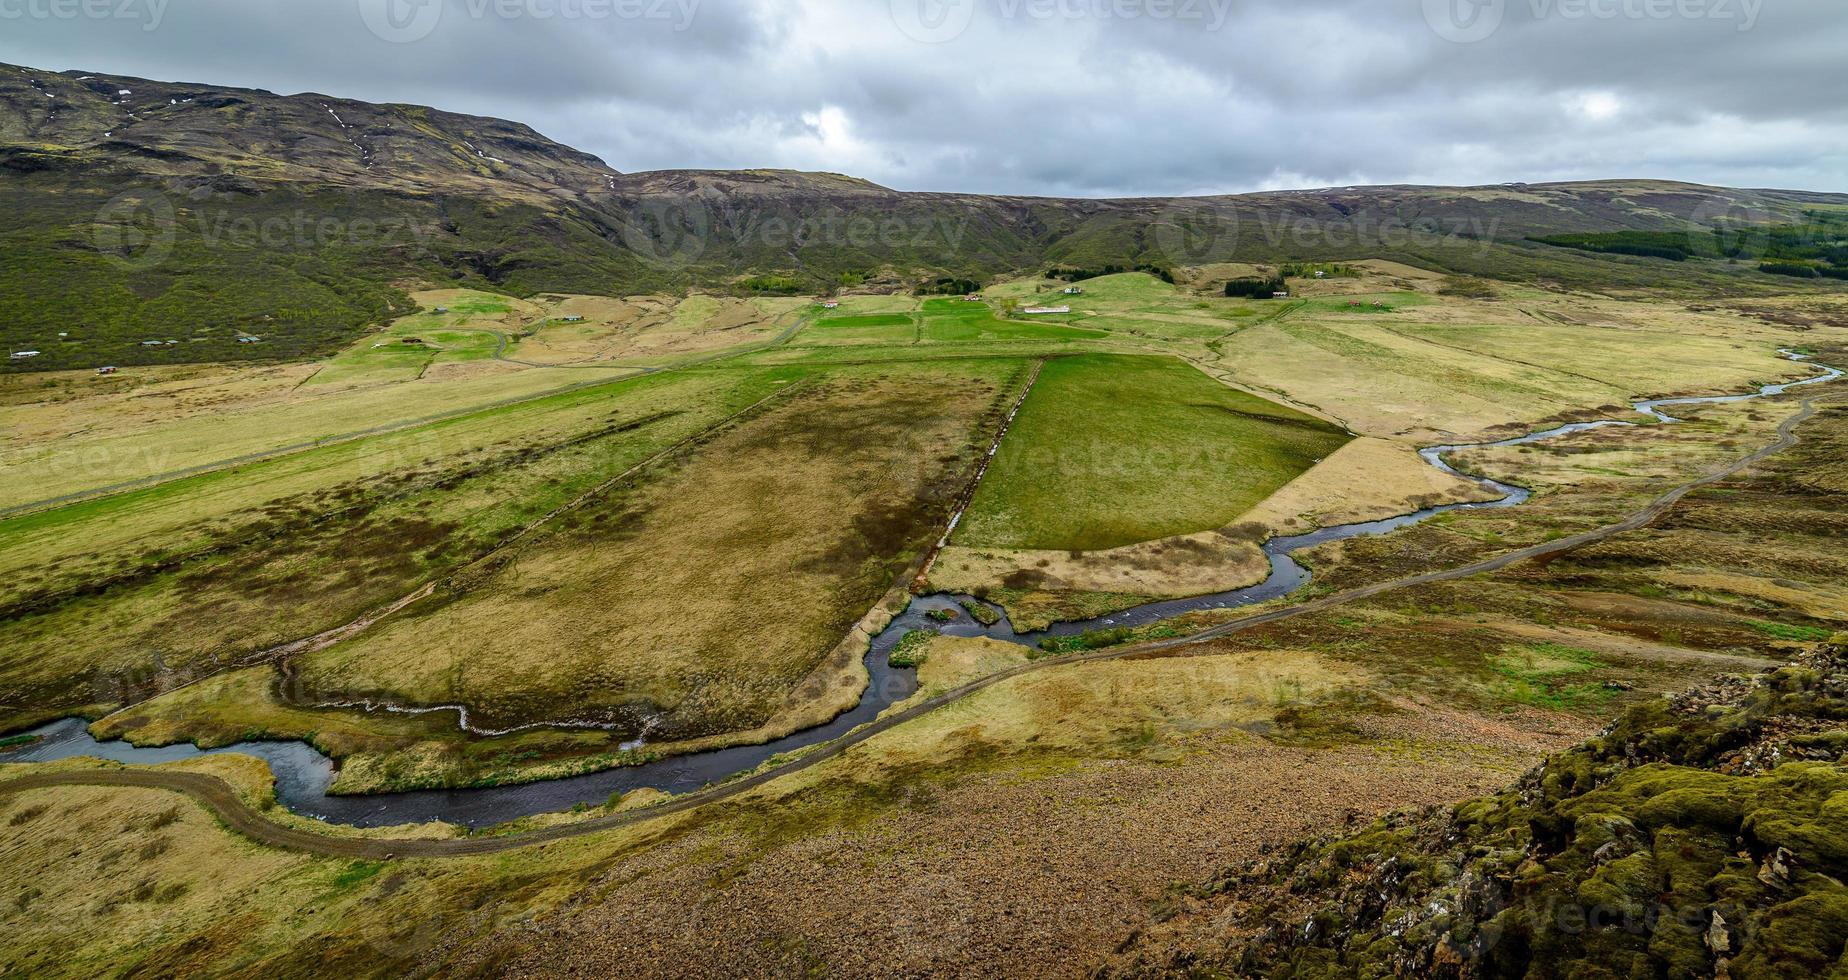 Blick auf ein isländisches Tal von einem Berg oben foto